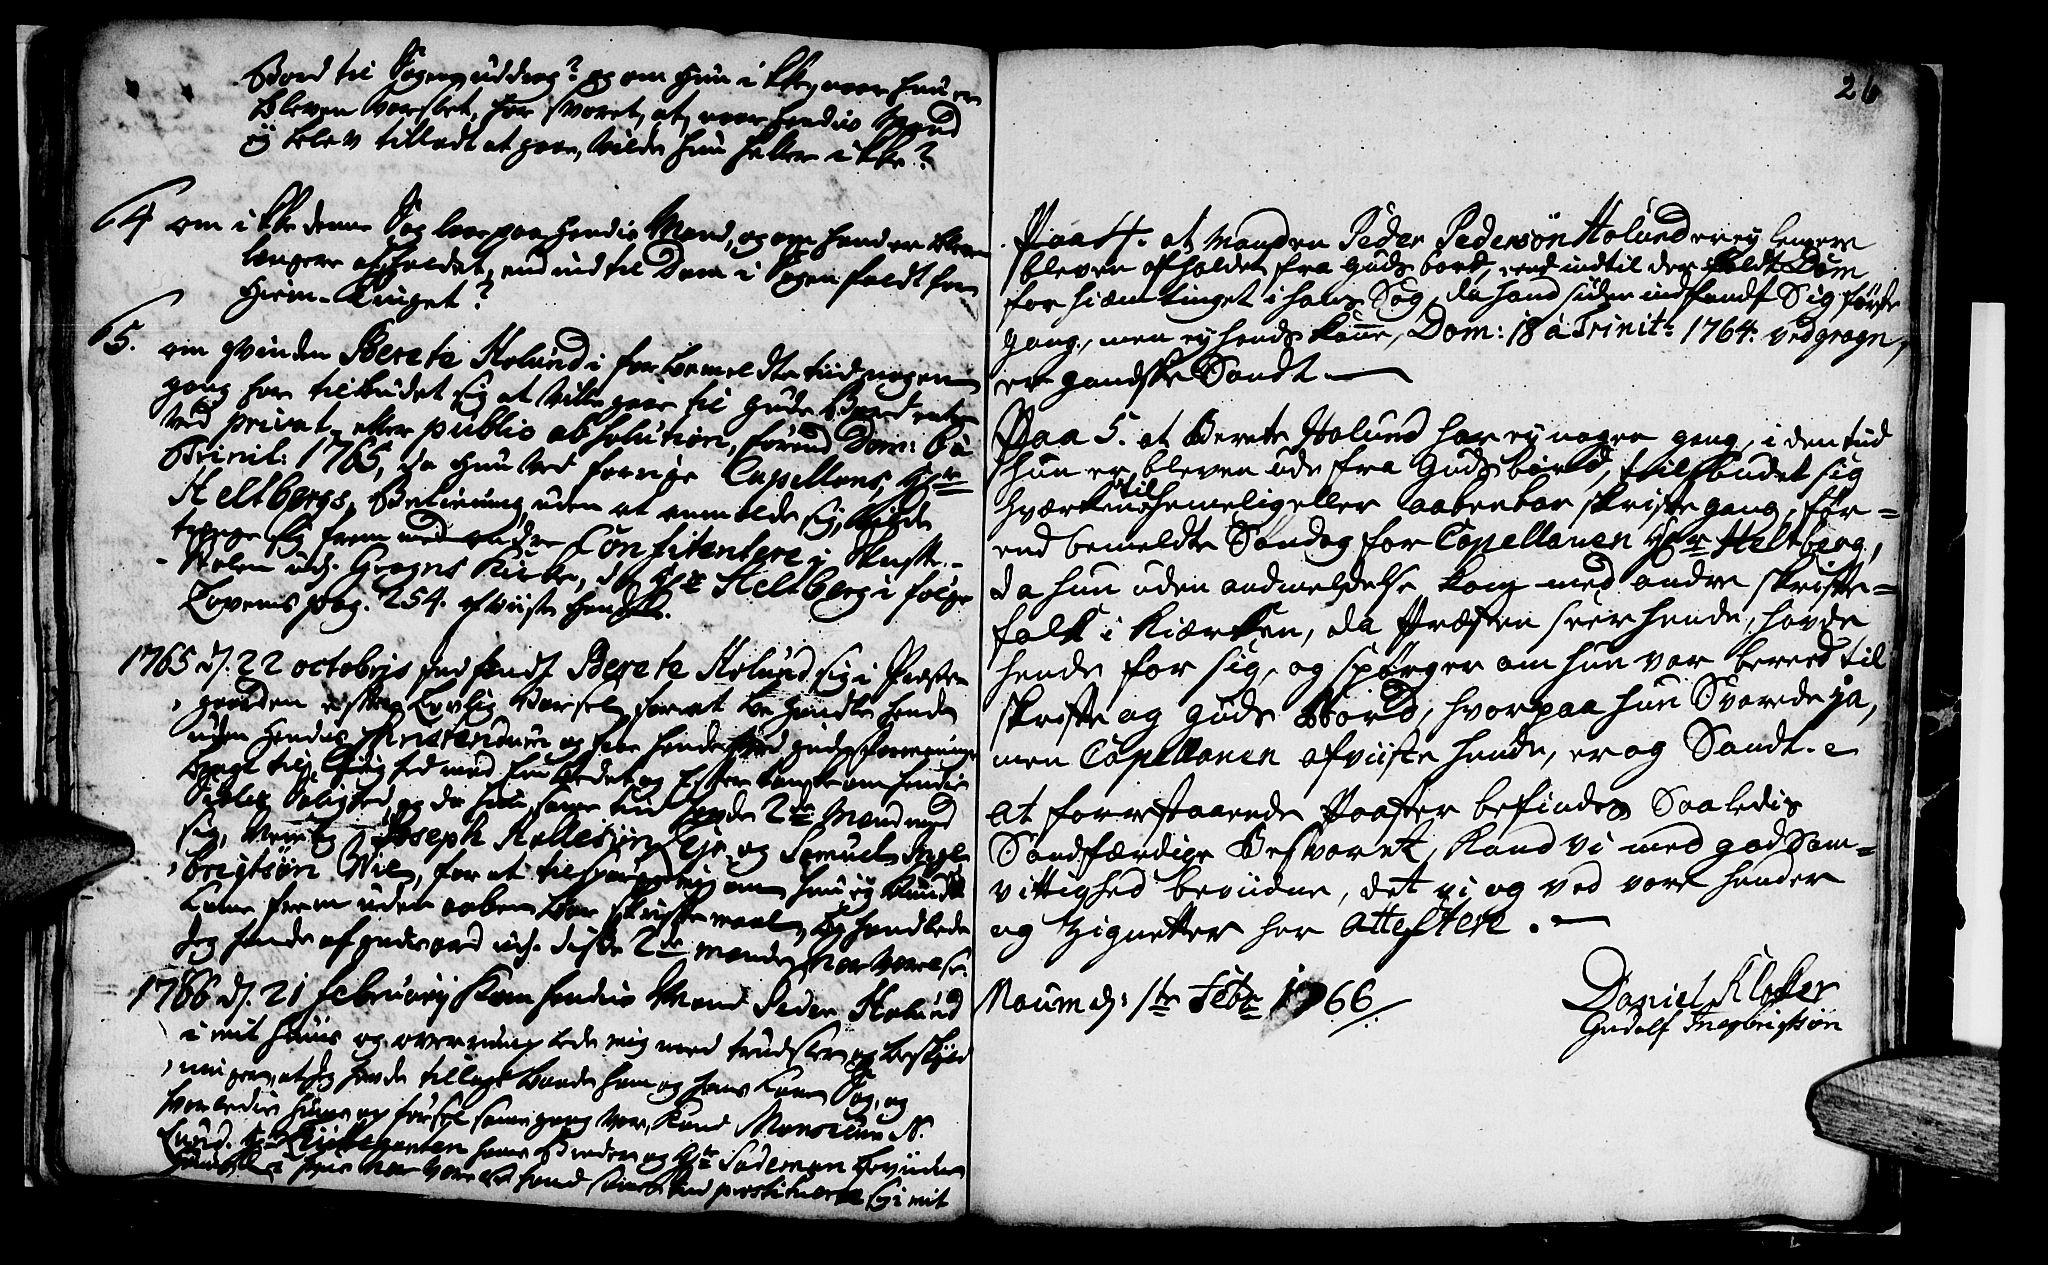 SAT, Ministerialprotokoller, klokkerbøker og fødselsregistre - Nord-Trøndelag, 759/L0526: Ministerialbok nr. 759A02, 1758-1765, s. 26